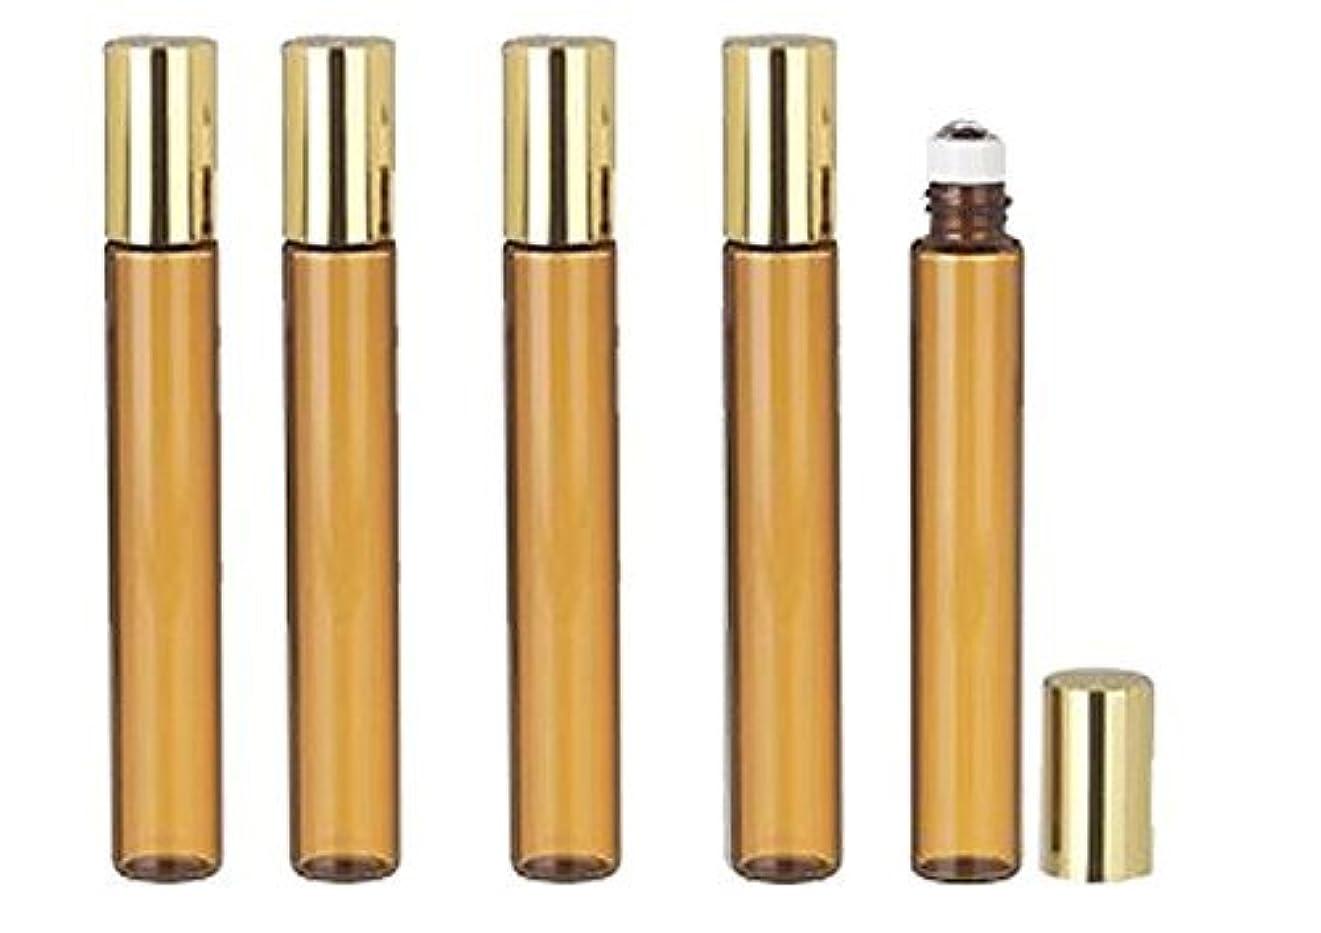 低下コウモリオペレーターGrand Parfums 12 Pcs Thin Tall Amber Glass Brown 10ml Roll on Bottle with Gold Metallic Caps for Essential Oil...